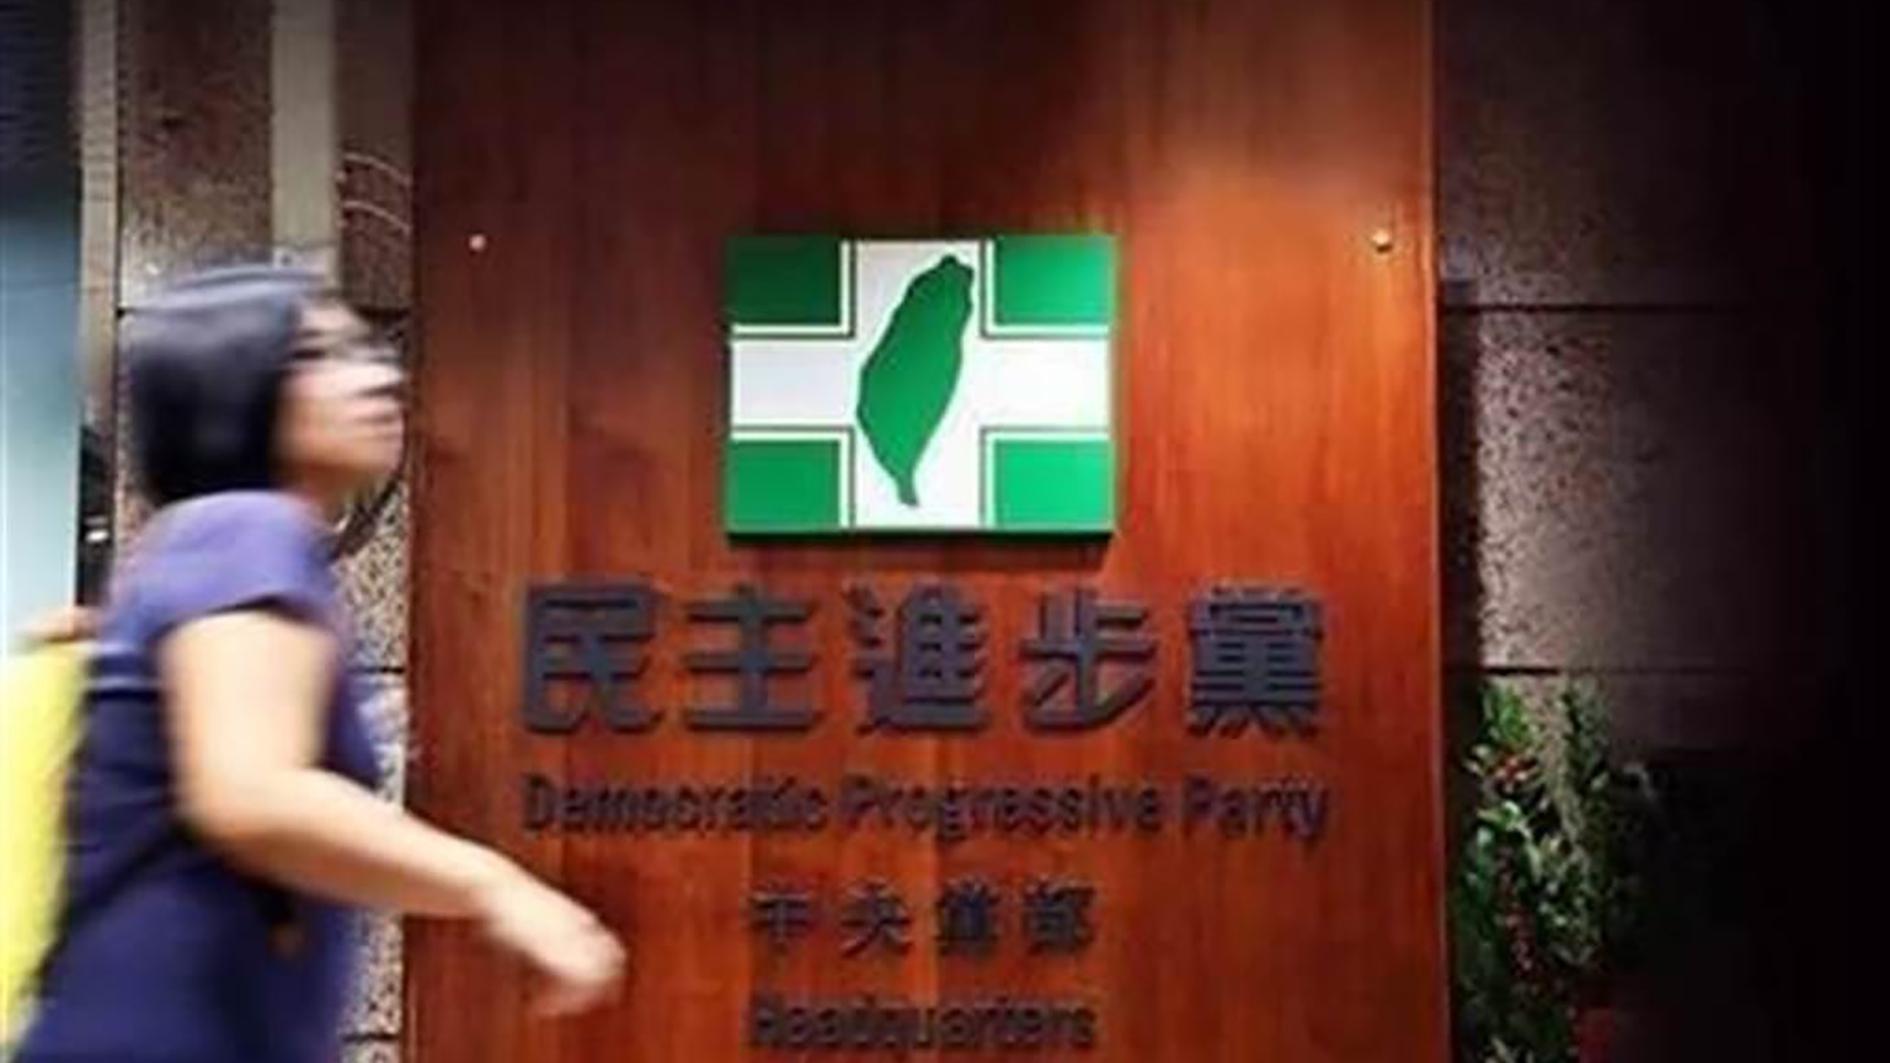 """蔡英文表姐夫賴清德親信升官 民進黨詮釋""""一人得道雞犬升天""""圖片"""